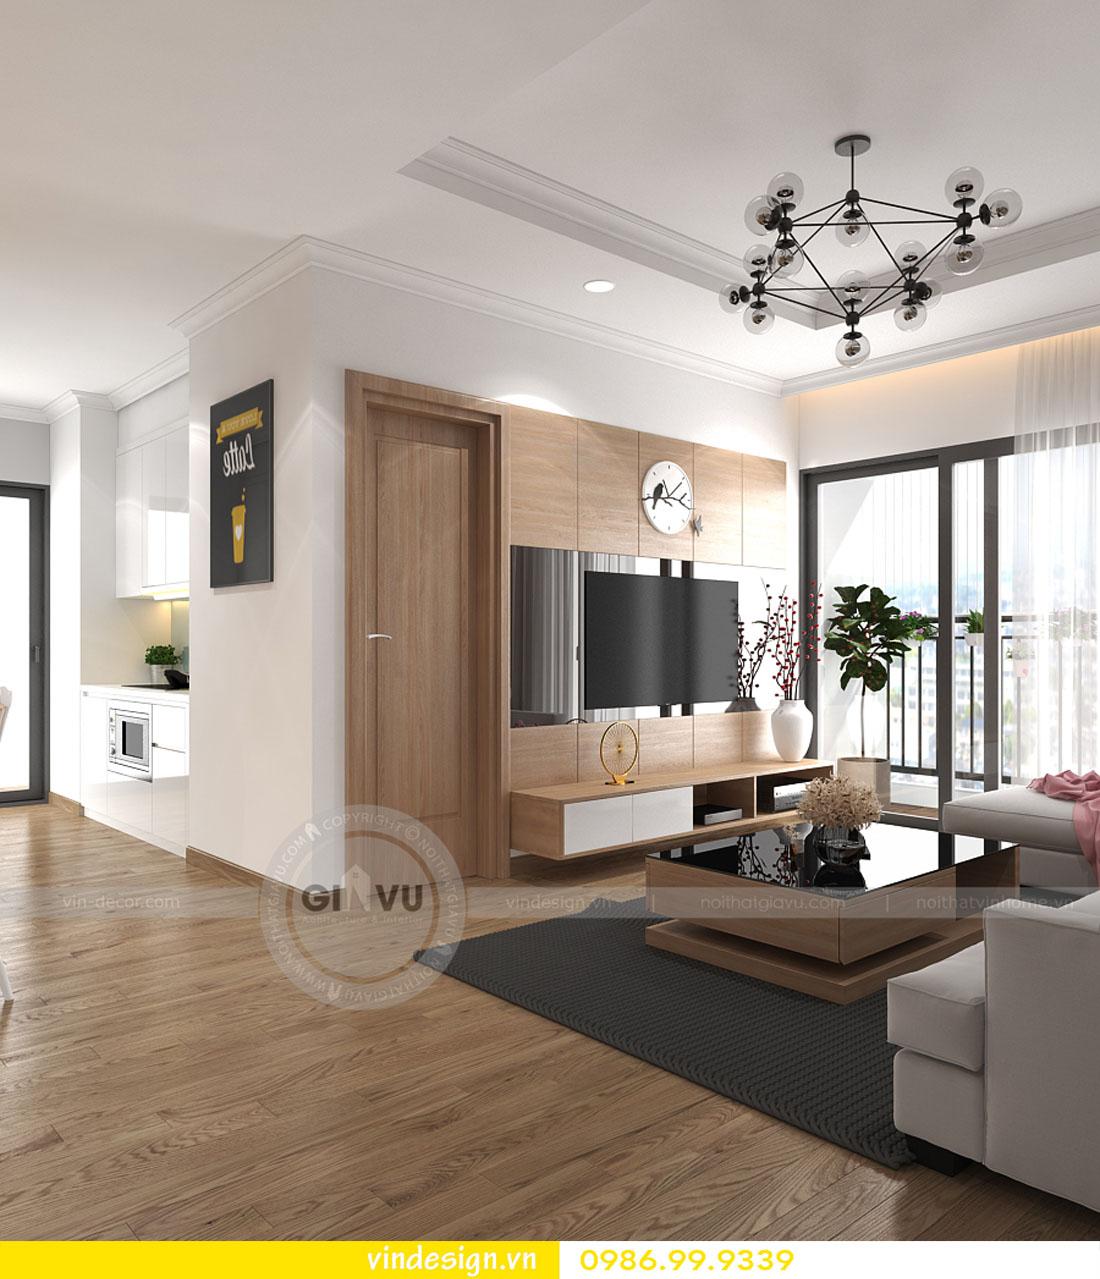 hoàn thiện nội thất chung cư Gardenia chỉ với 150 triệu 03